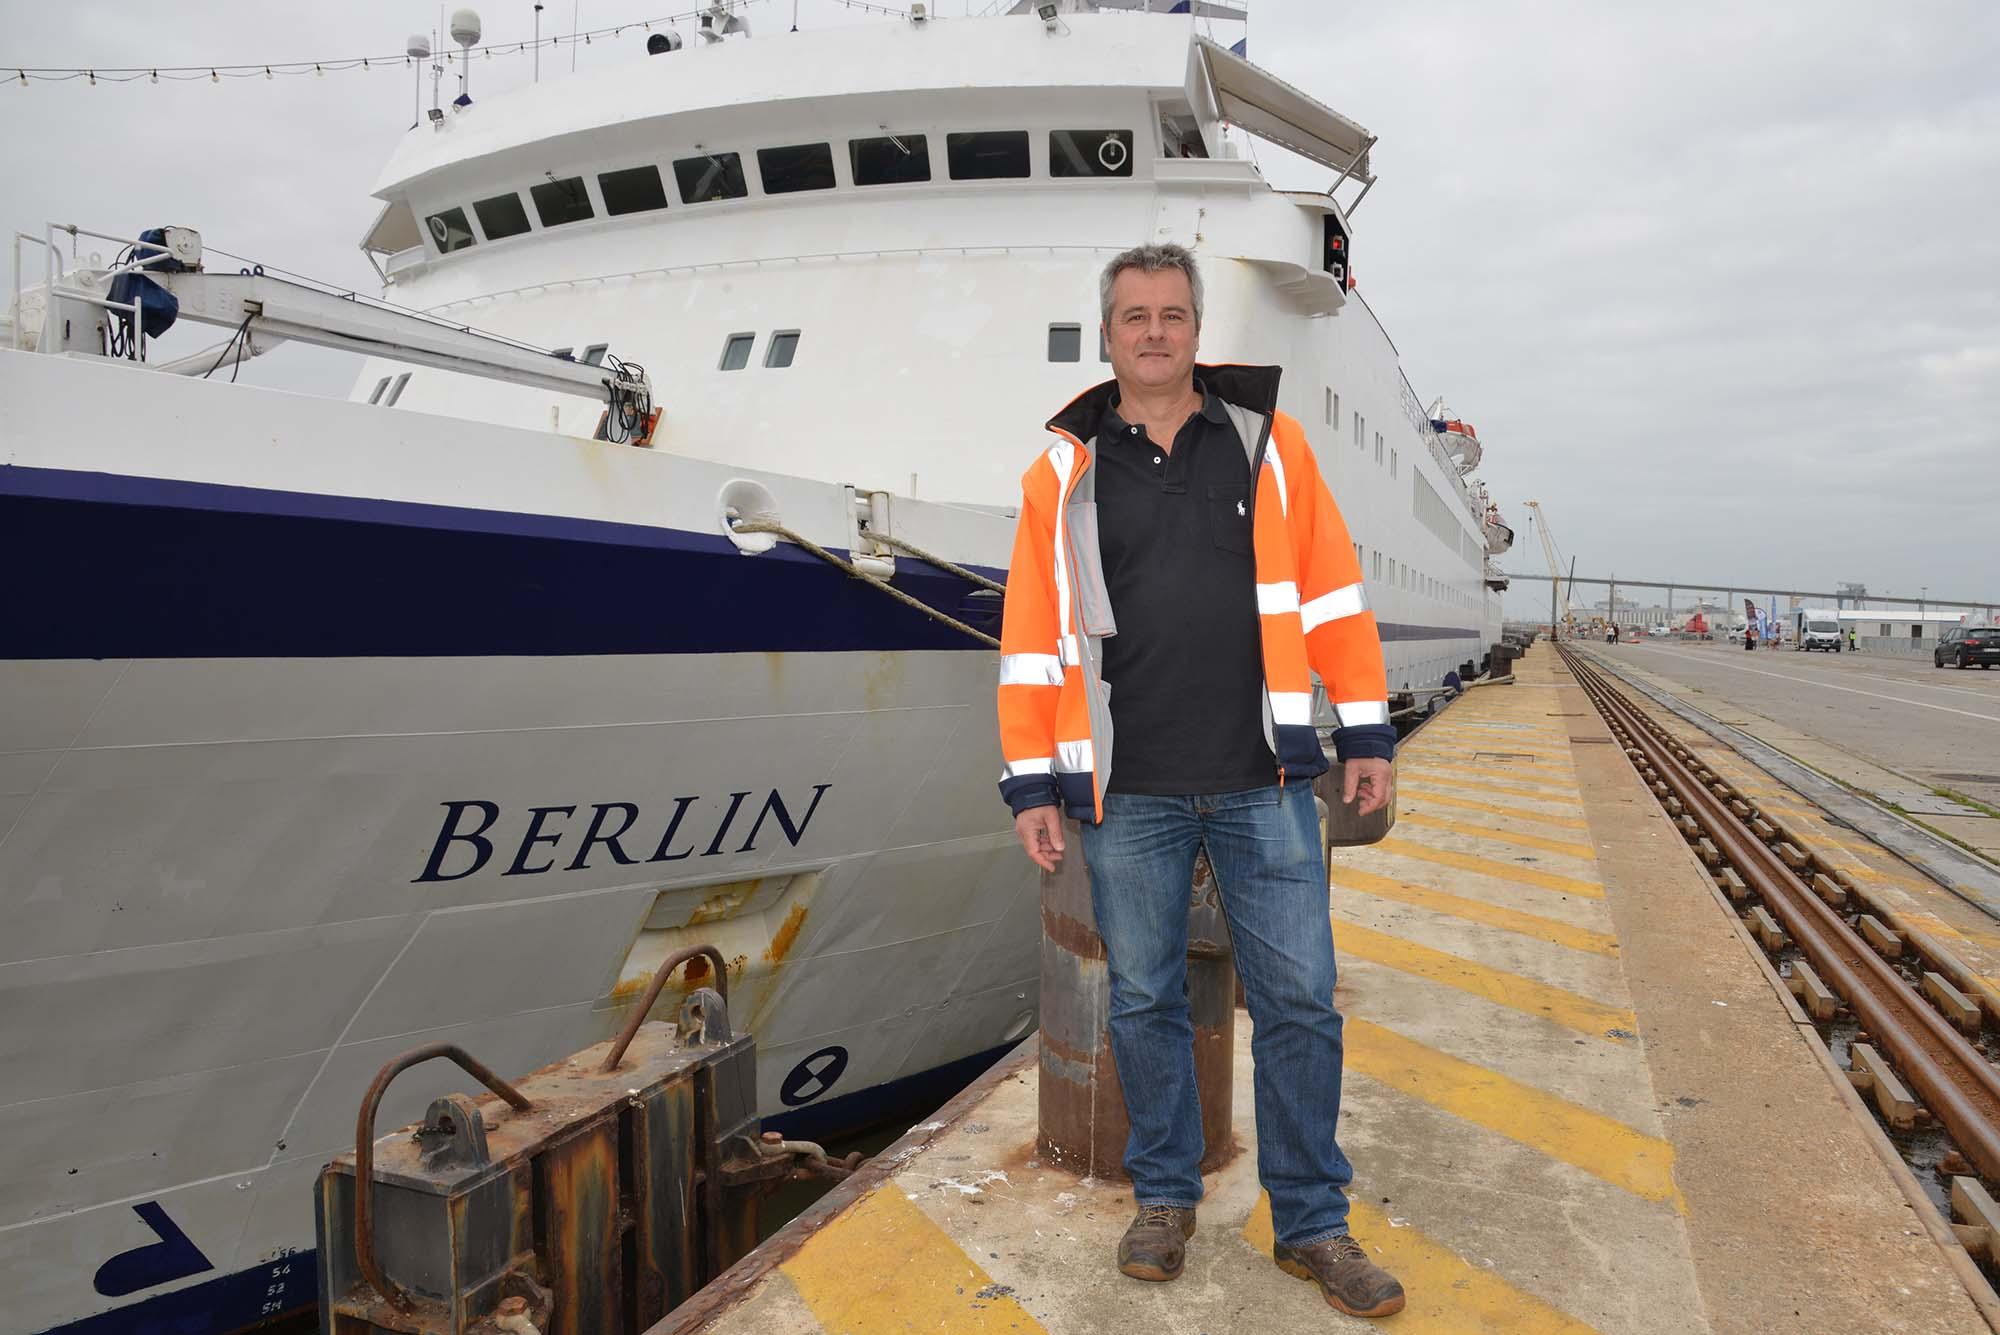 James Le Cocq, président du Nantes Saint-Nazaire Cruise Club, accompagne et développe les escales. (©Ville de Saint-Nazaire - Christian Robert)